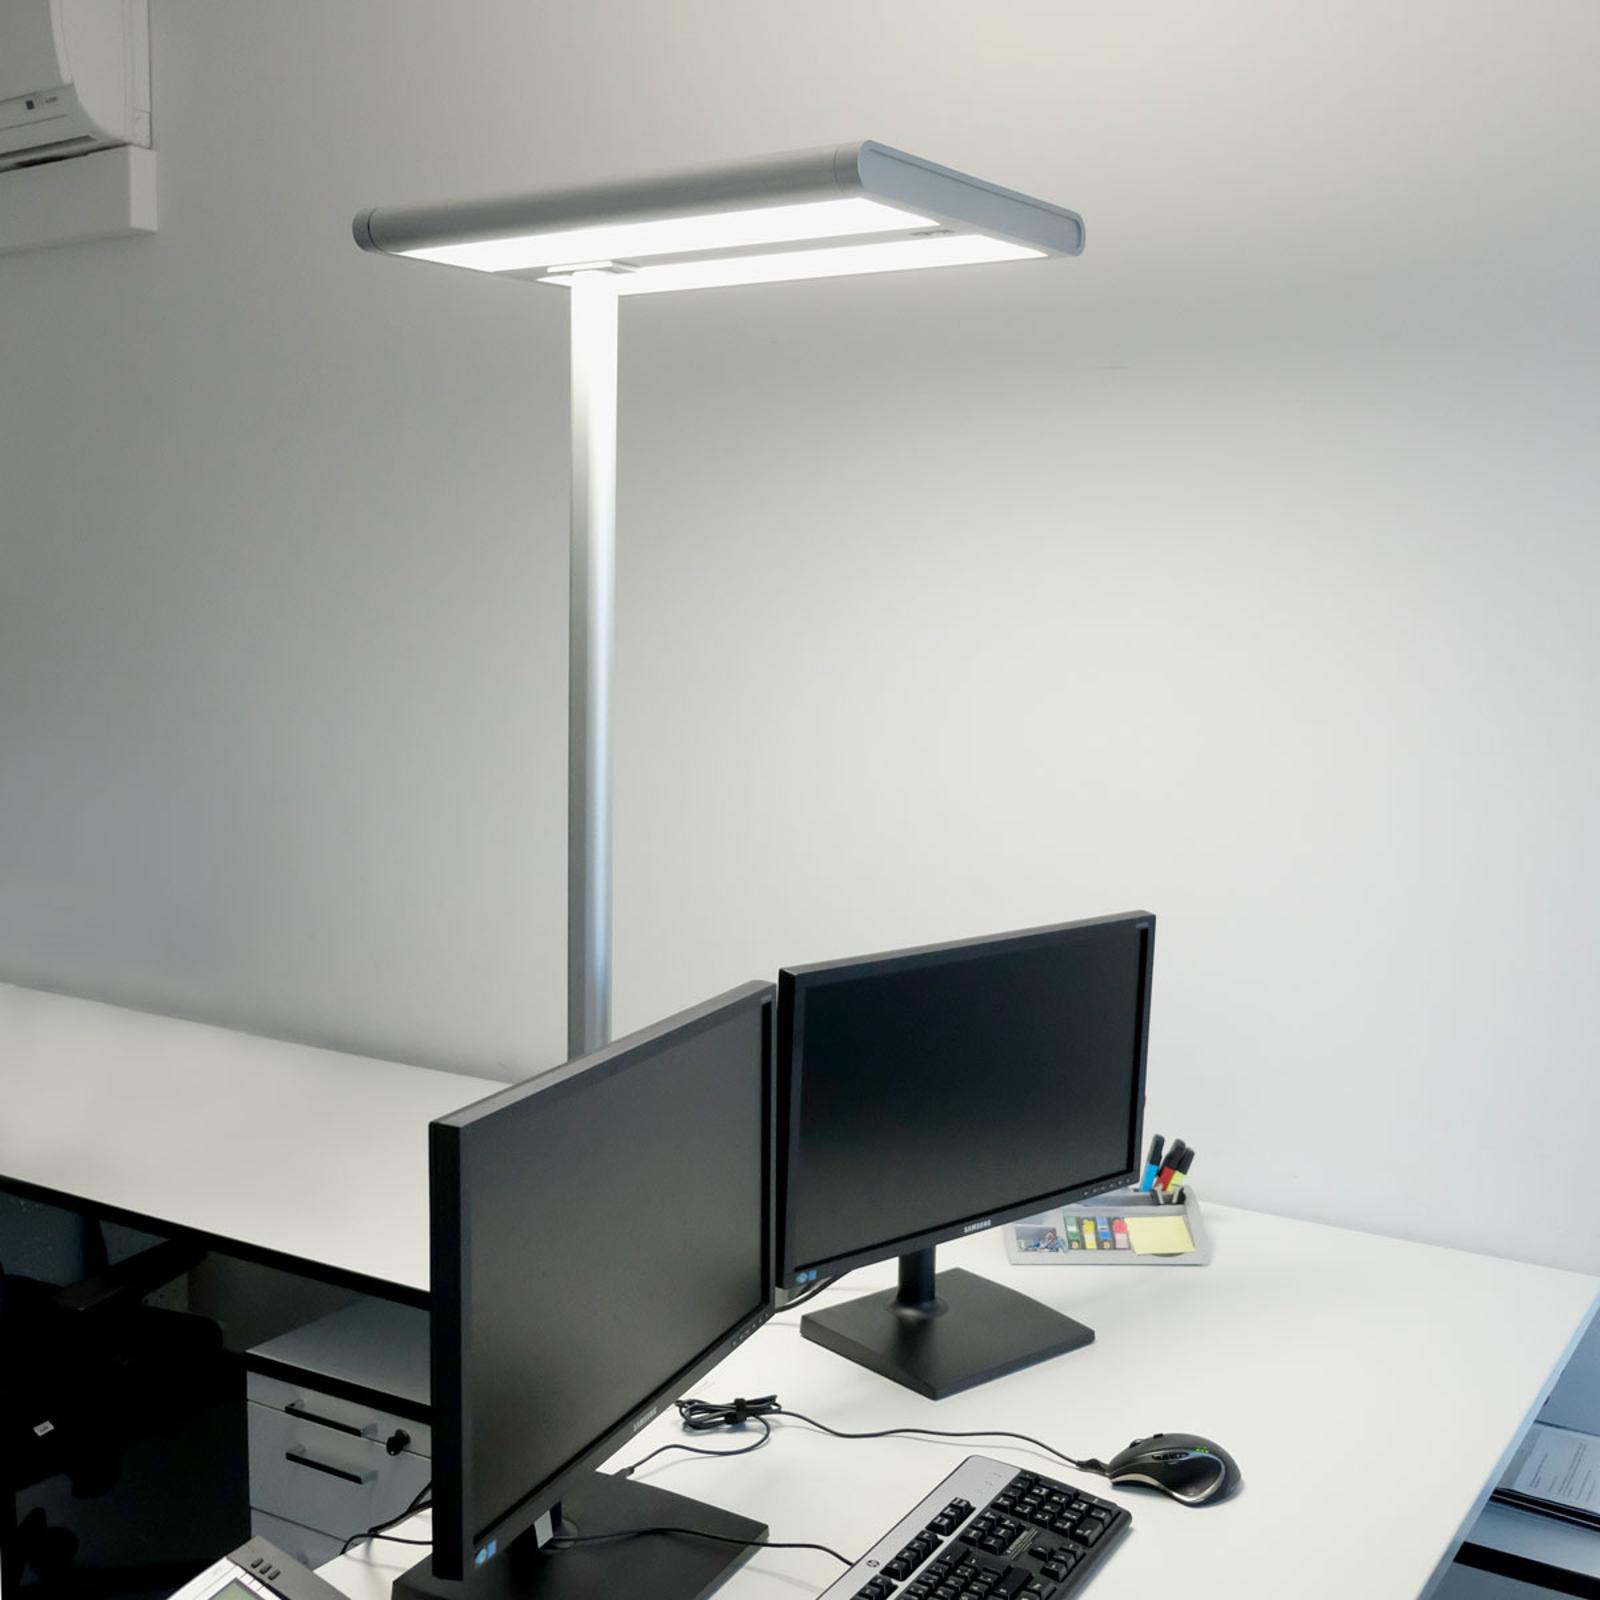 Quirin - biurowa lampa stojąca LED z czujnikiem